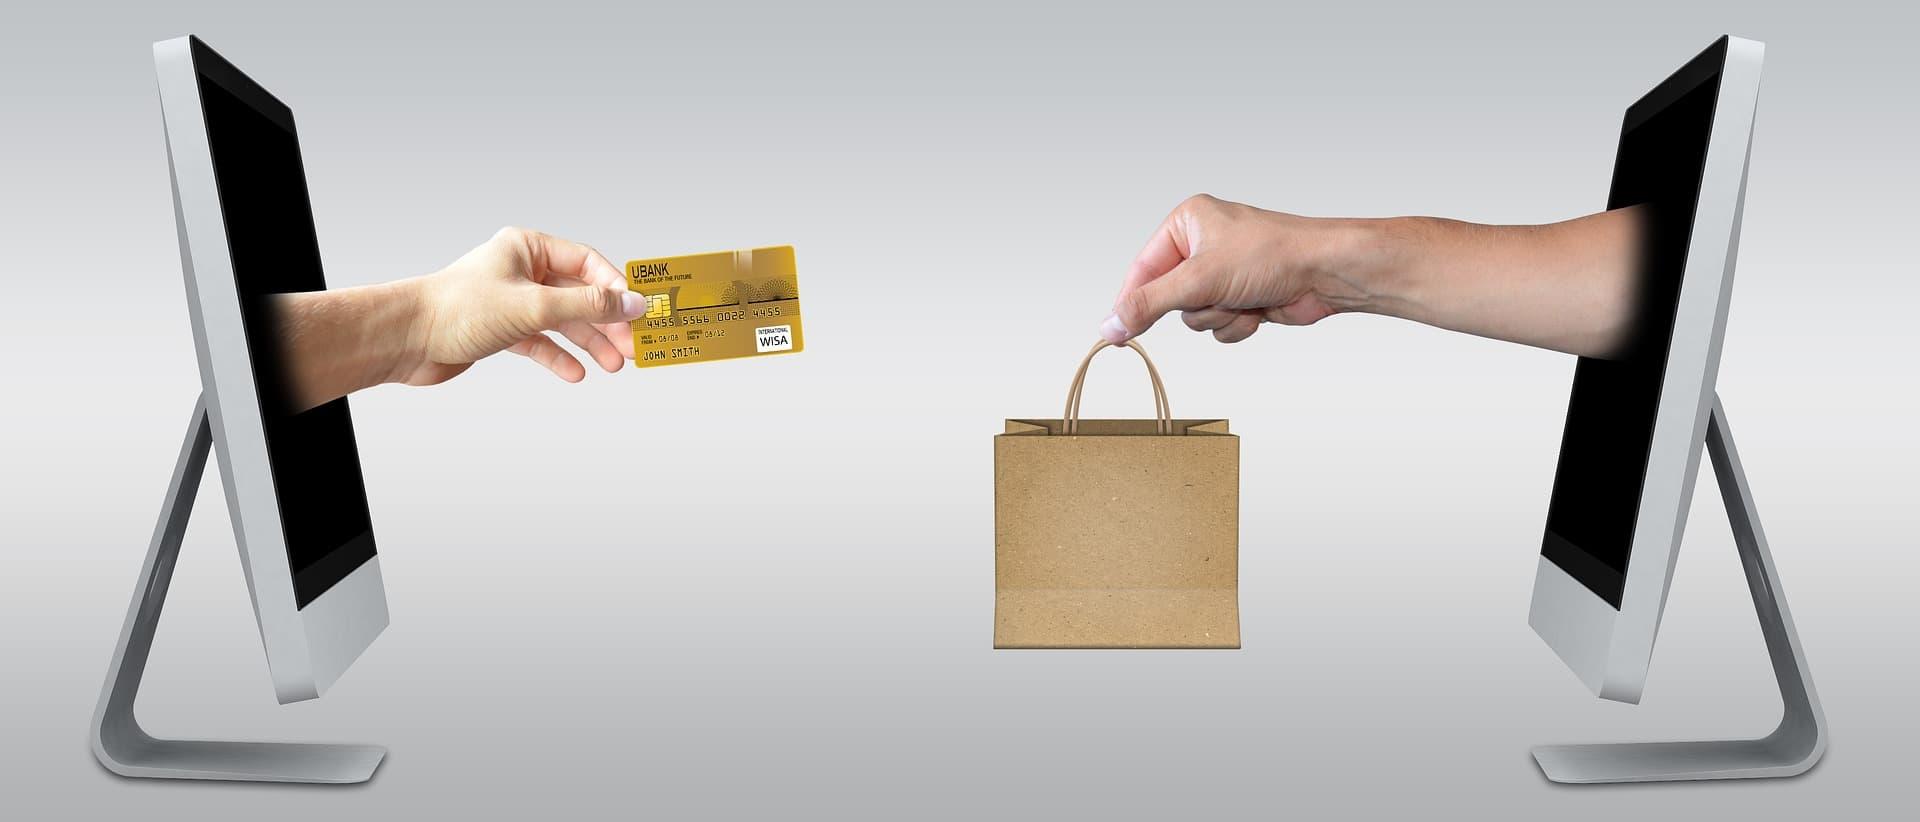 Online-Shop und E-commerce in Staufen, Freiburg, Stuttgart und Ludwigsburg